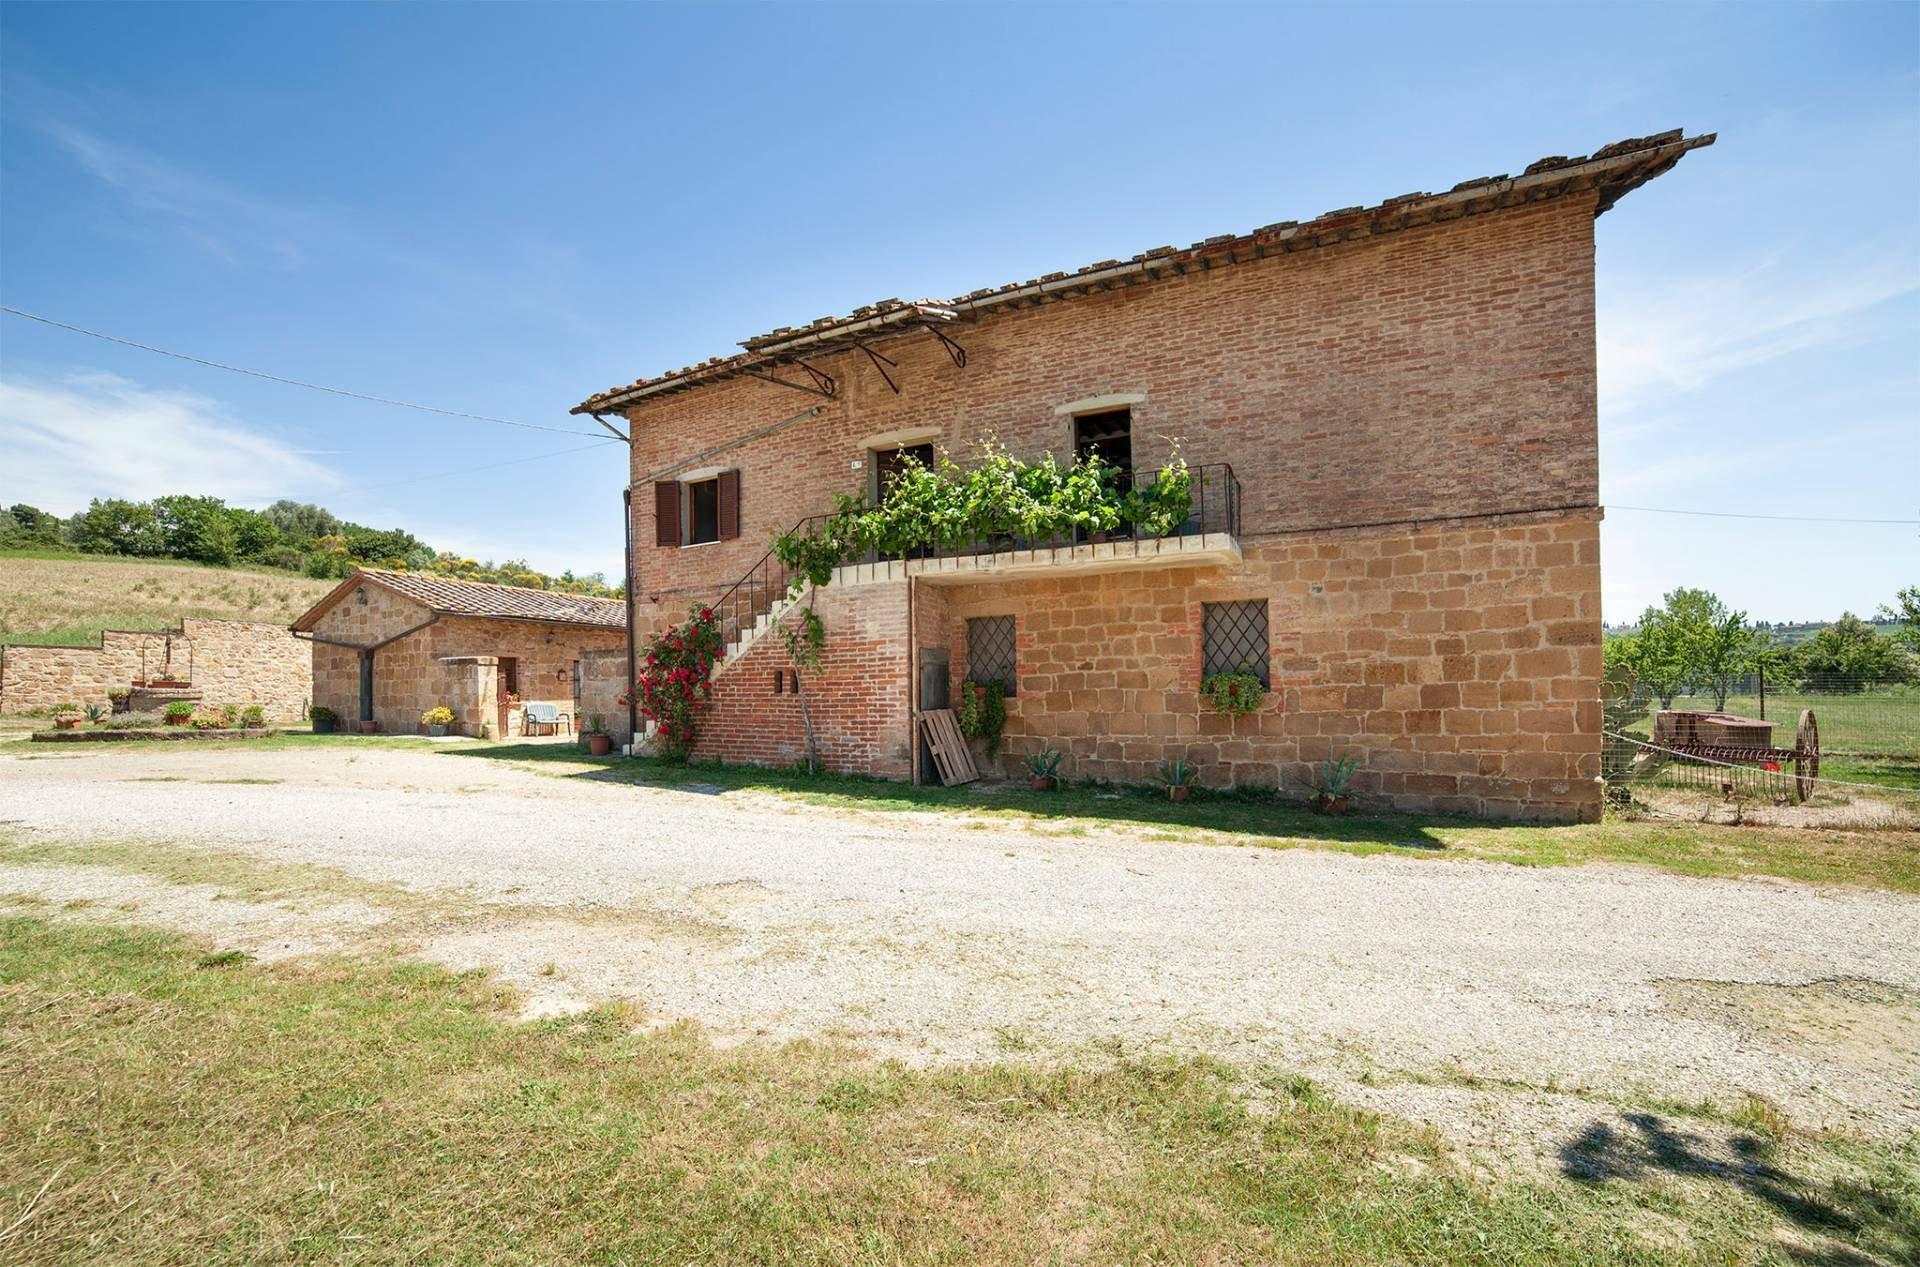 Pienza, Tuscany, Italy 1